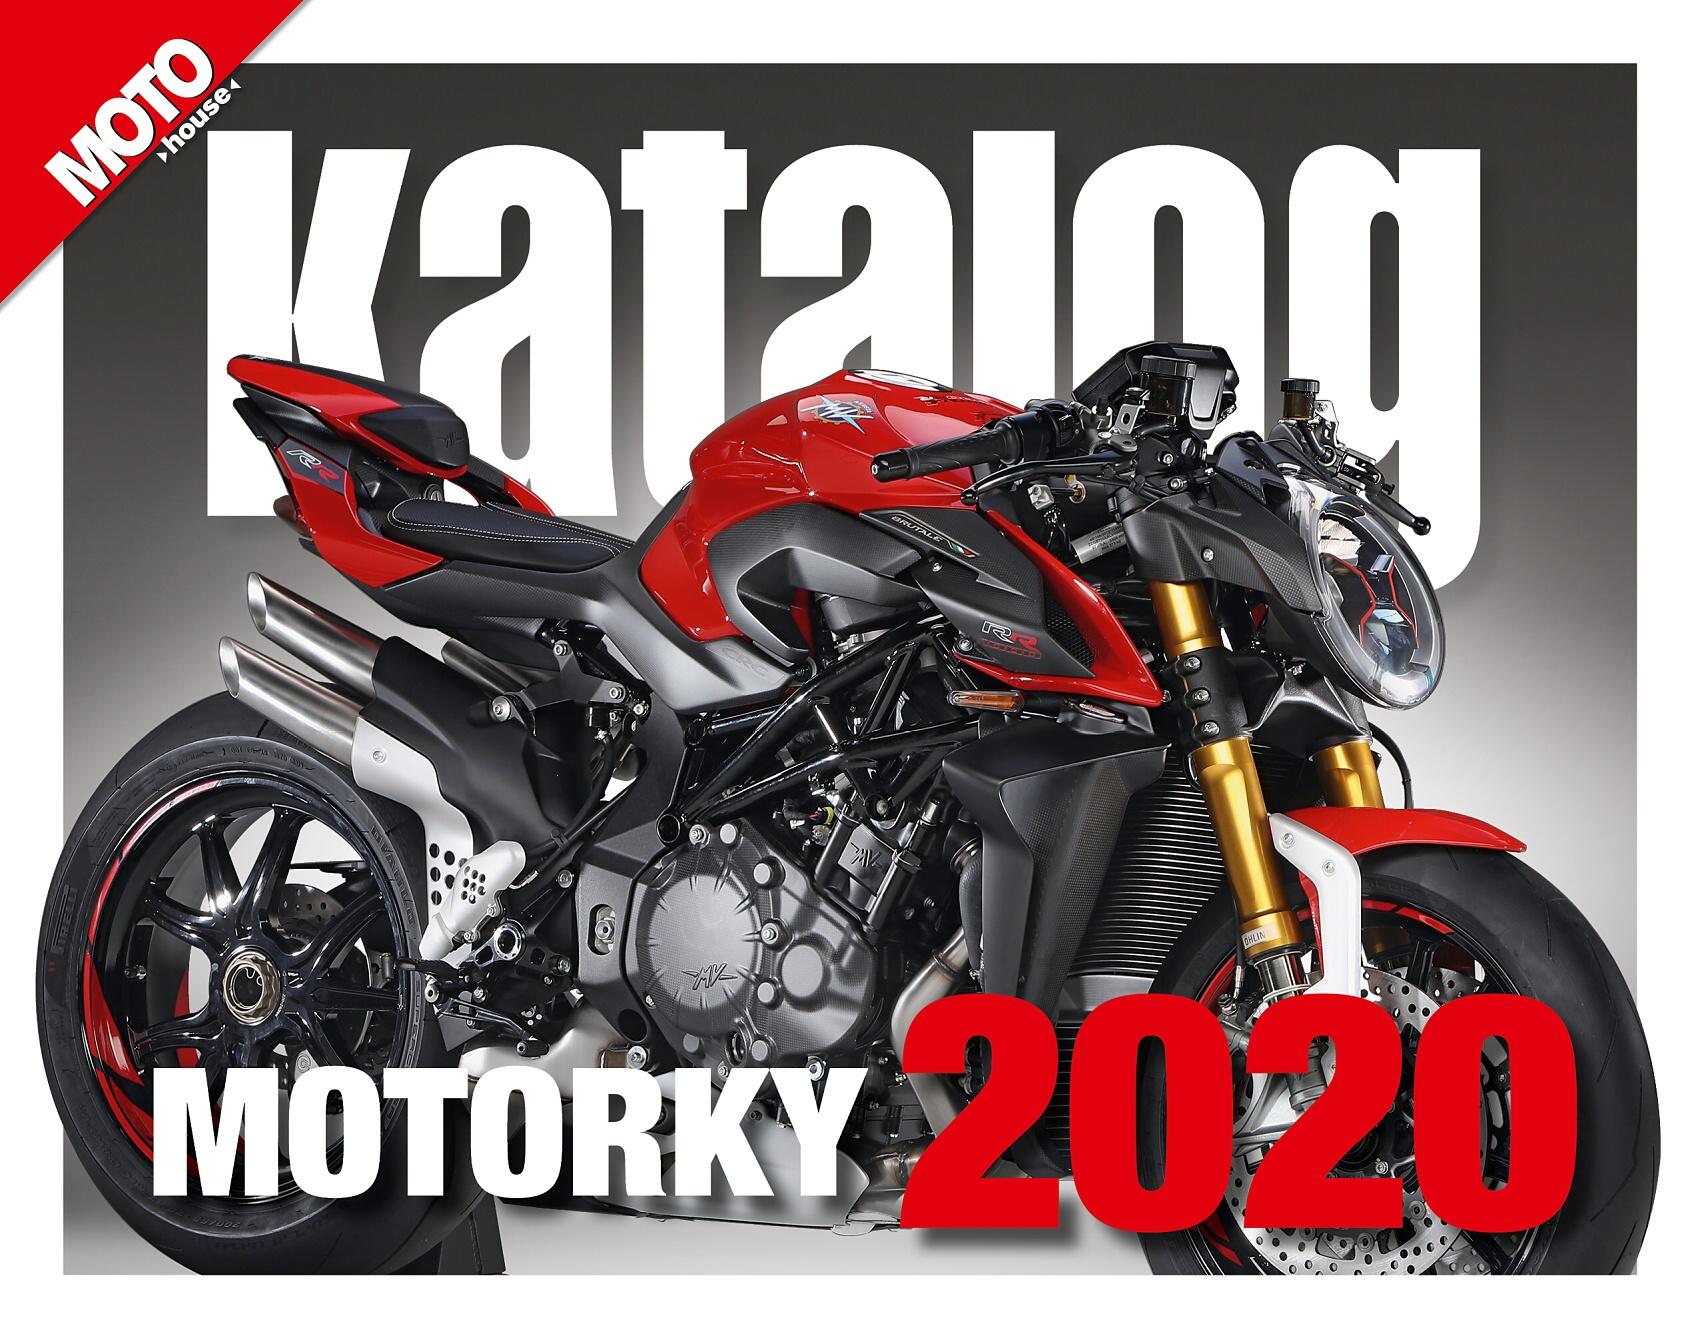 Právě vychází: Motohouse katalog motorek a čtyřkolek 2020